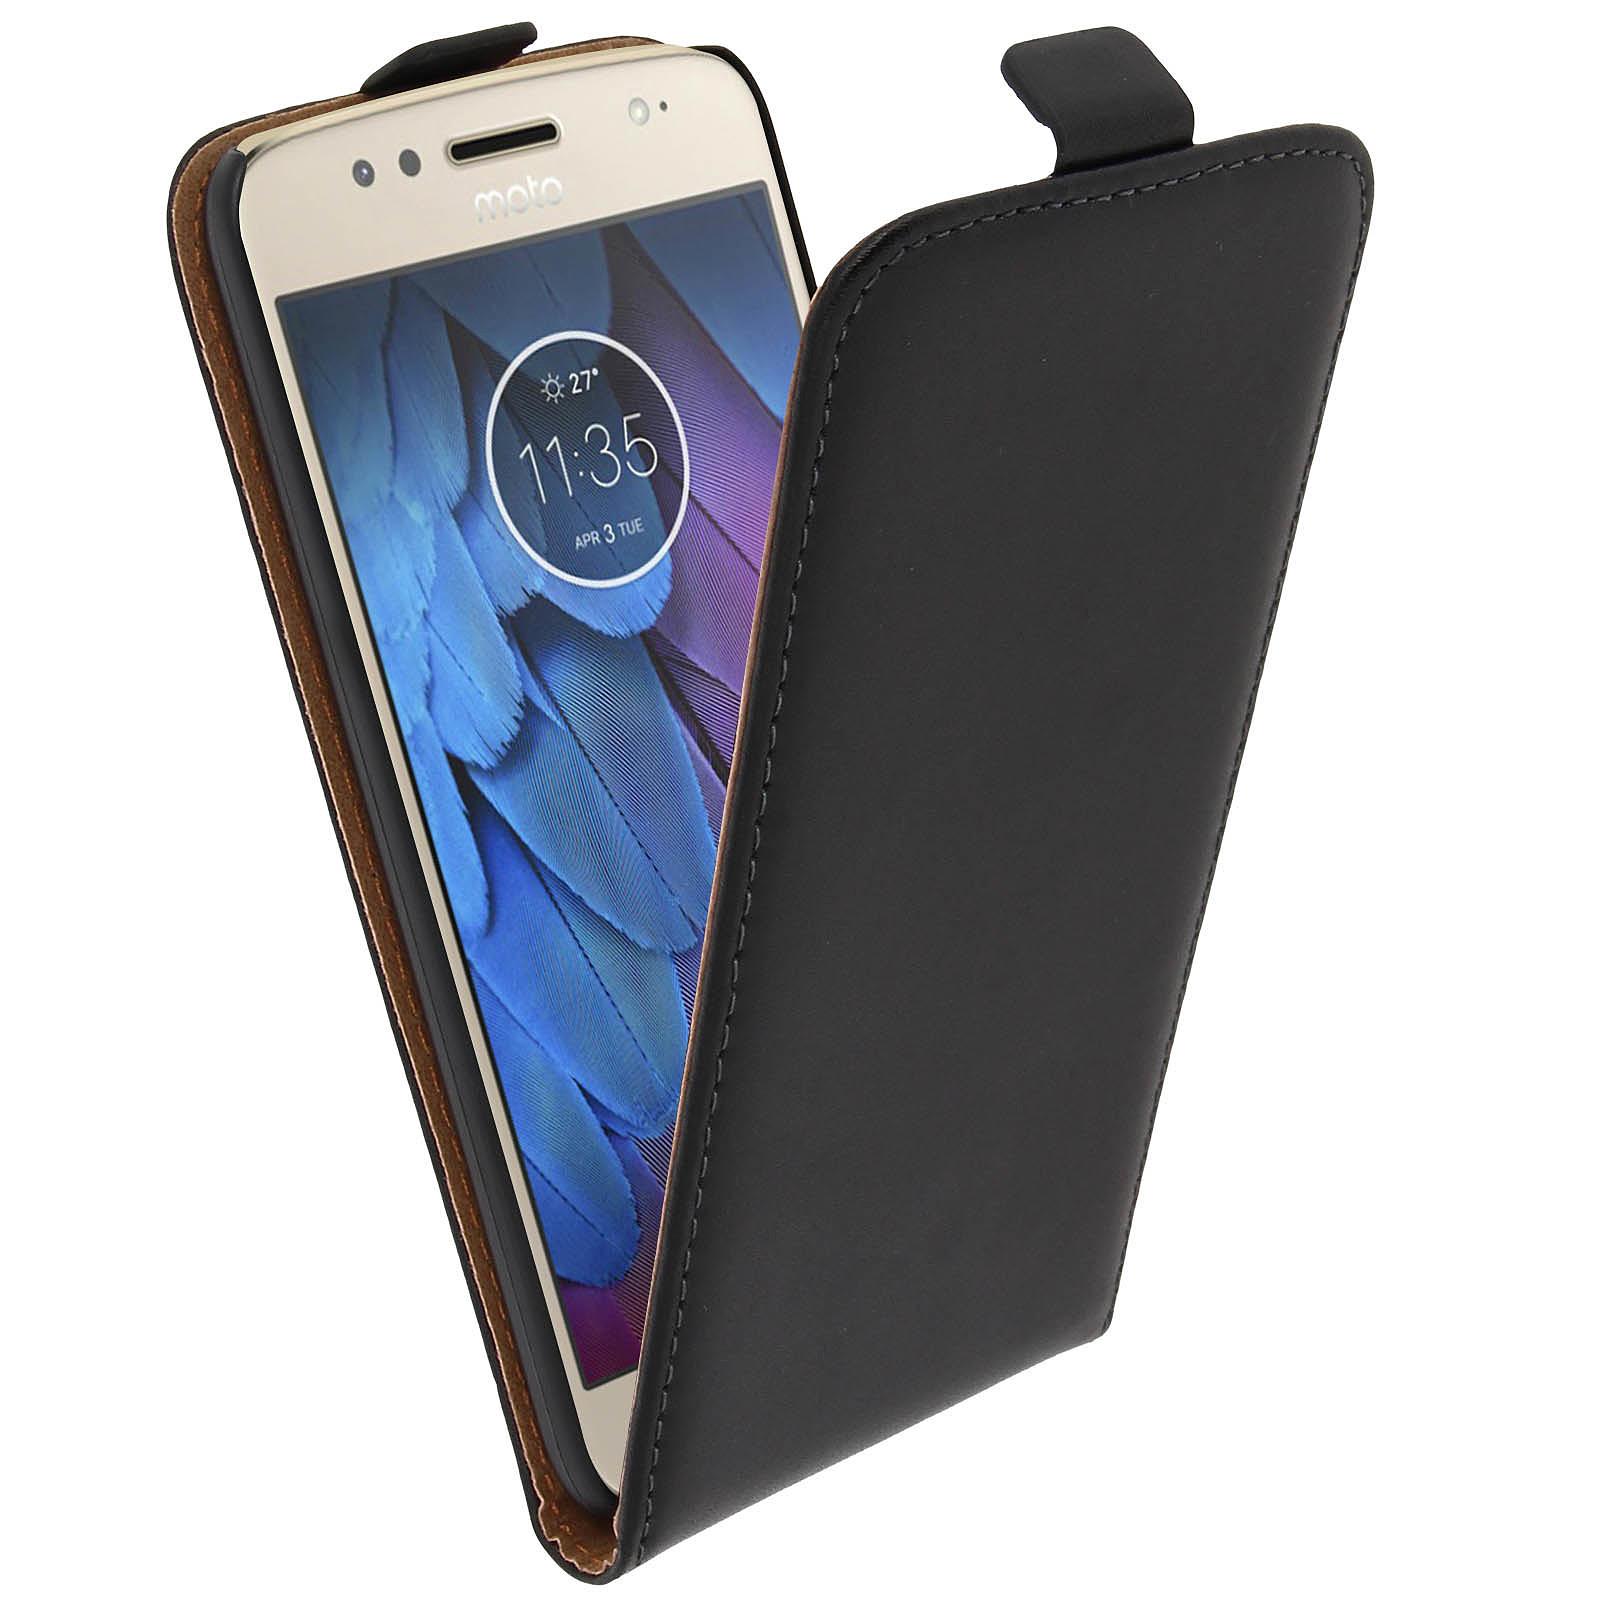 Avizar Etui à clapet Noir pour Motorola Moto G5S